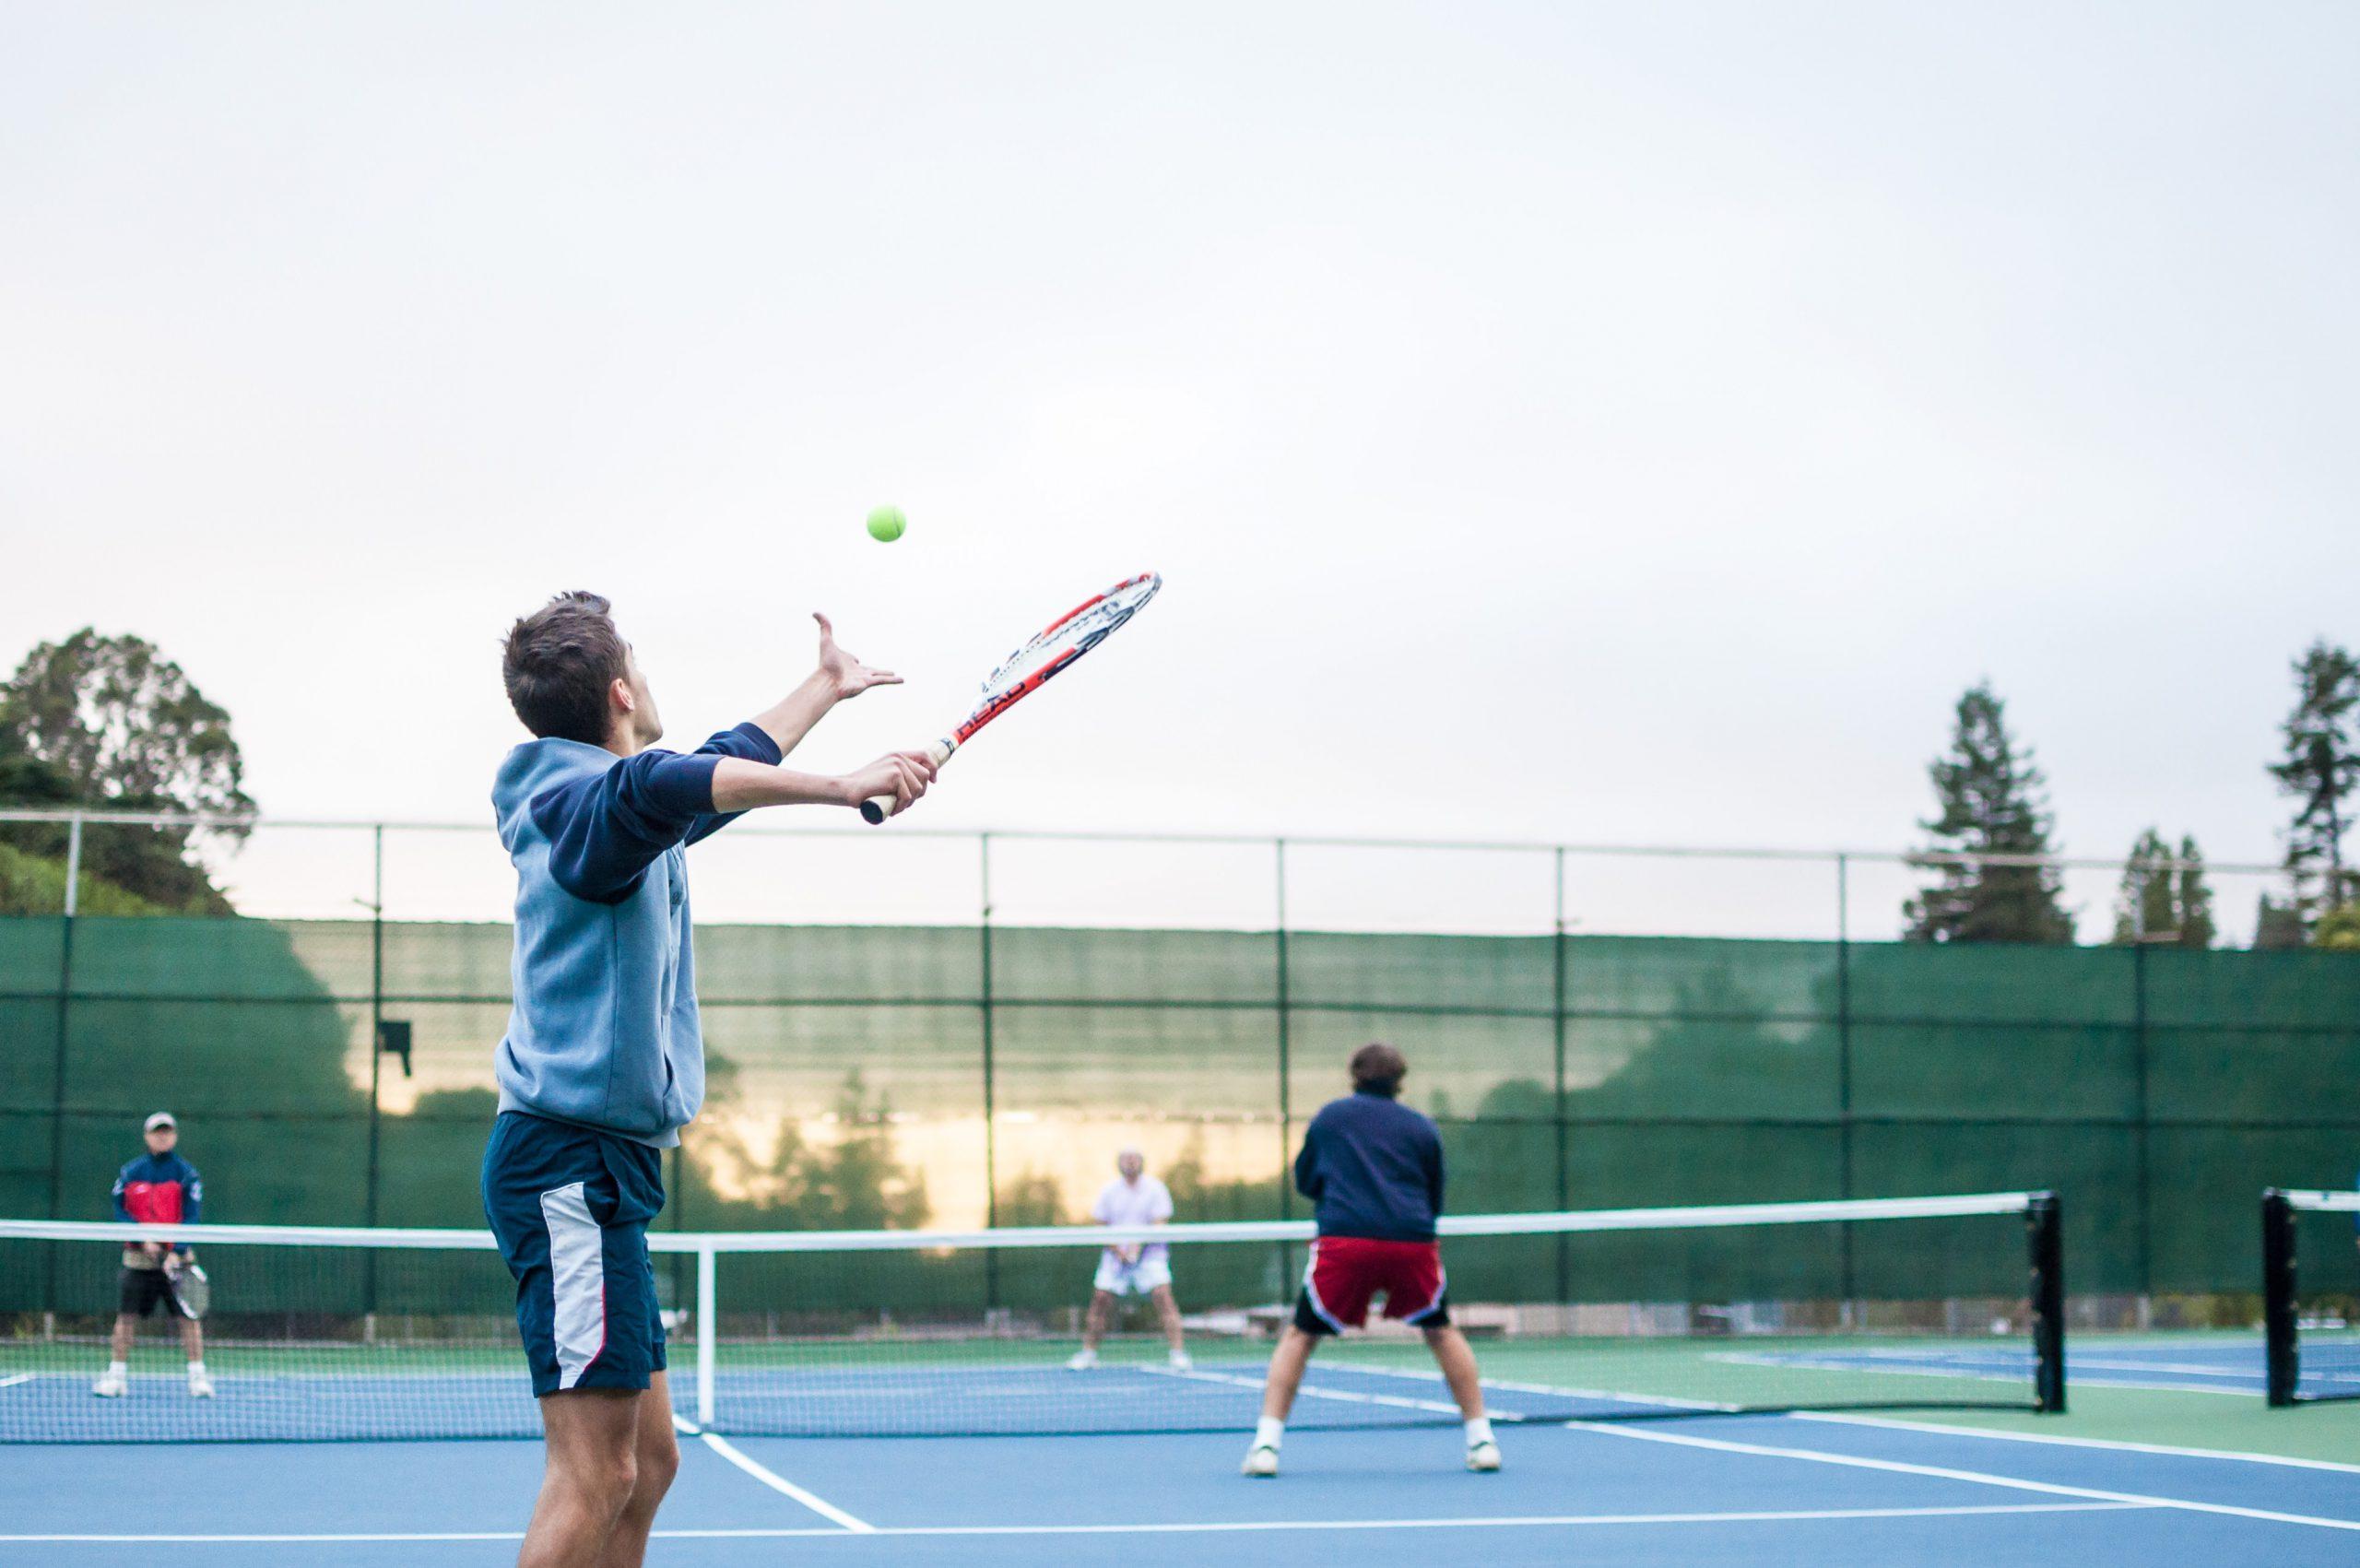 אימוני טניס למבוגרים